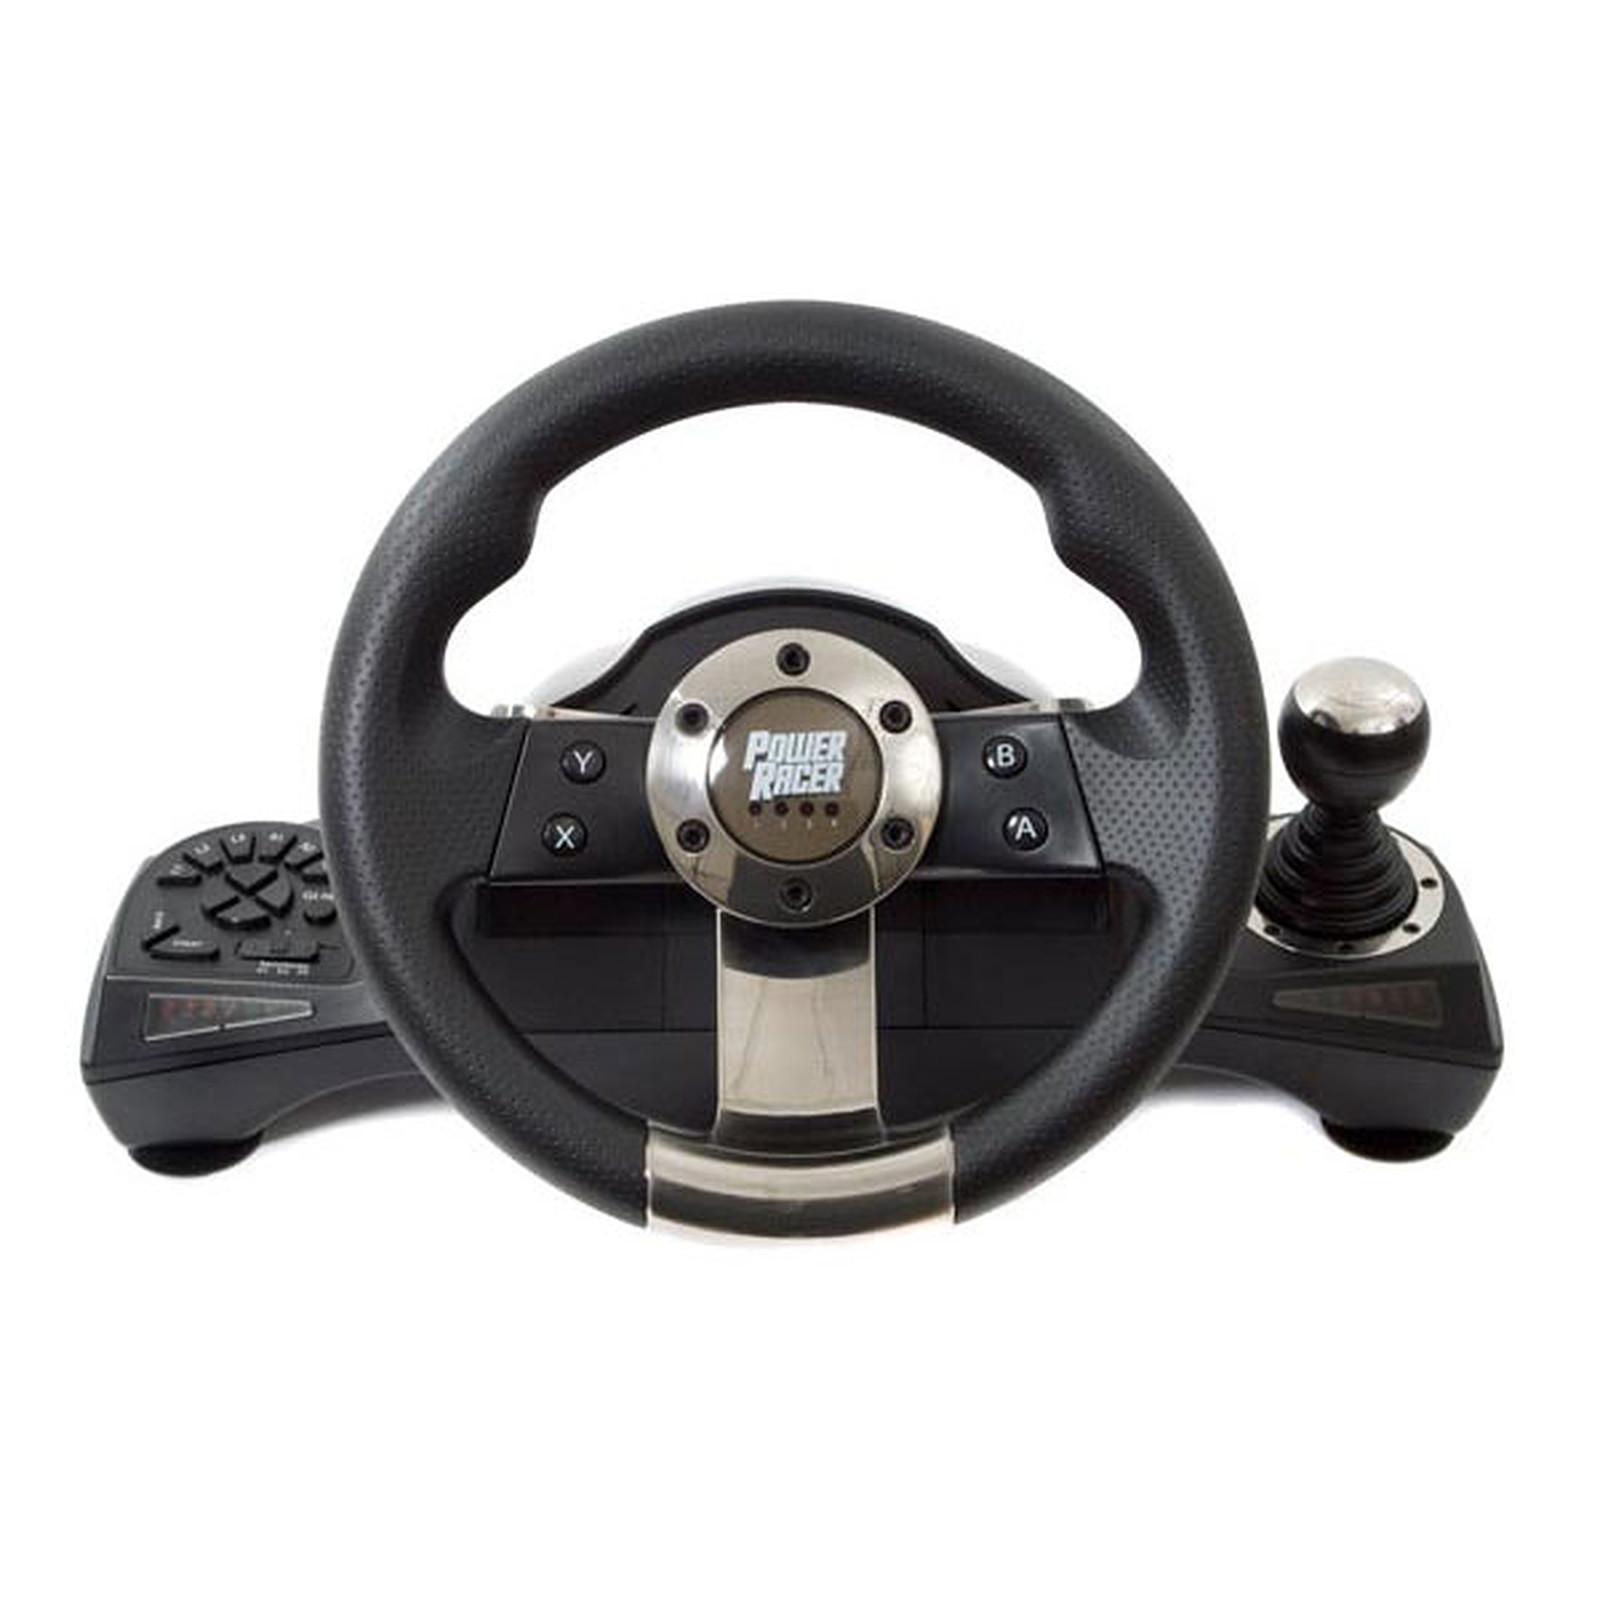 Datel Power Racer 270 (Xbox 360)